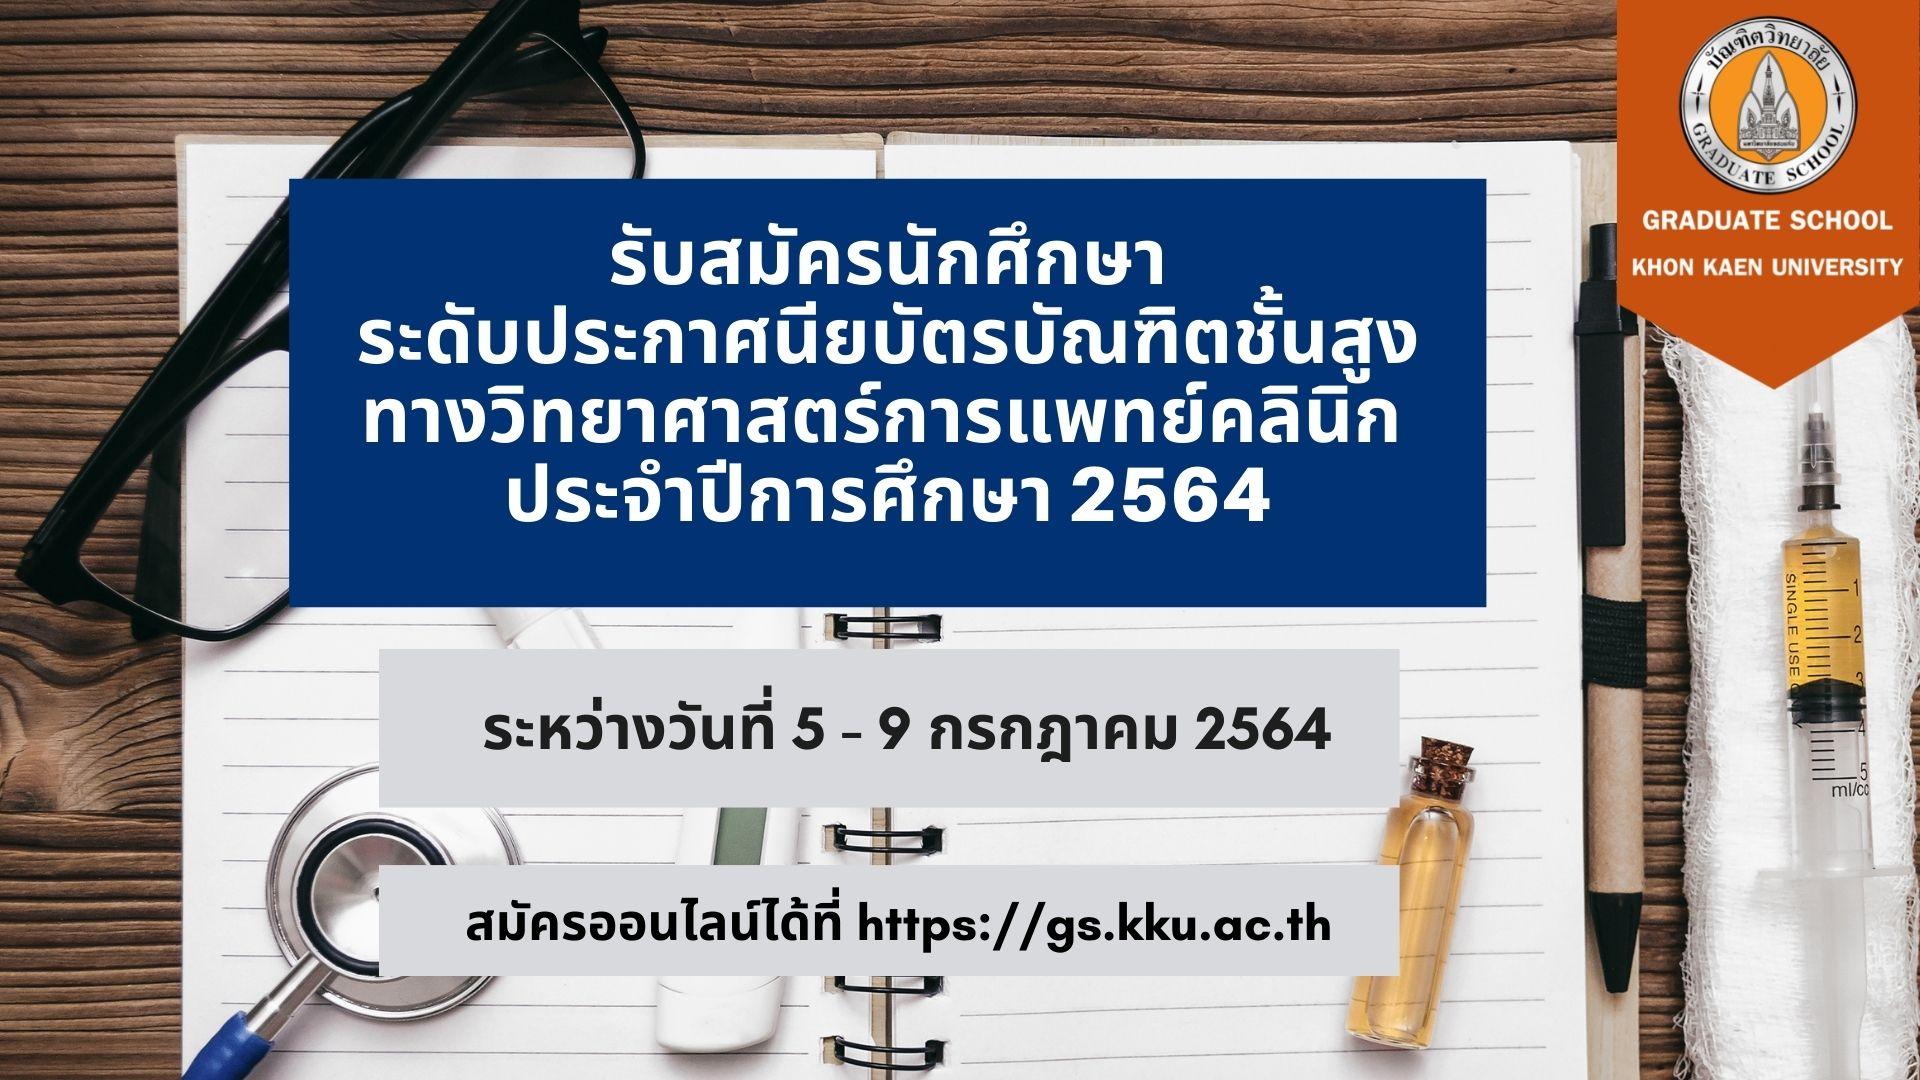 รับสมัครนักศึกษา ระดับประกาศนียบัตรบัณฑิตชั้นสูง ทางวิทยาศาสตร์การแพทย์คลินิก ประจำปีการศึกษา 2564